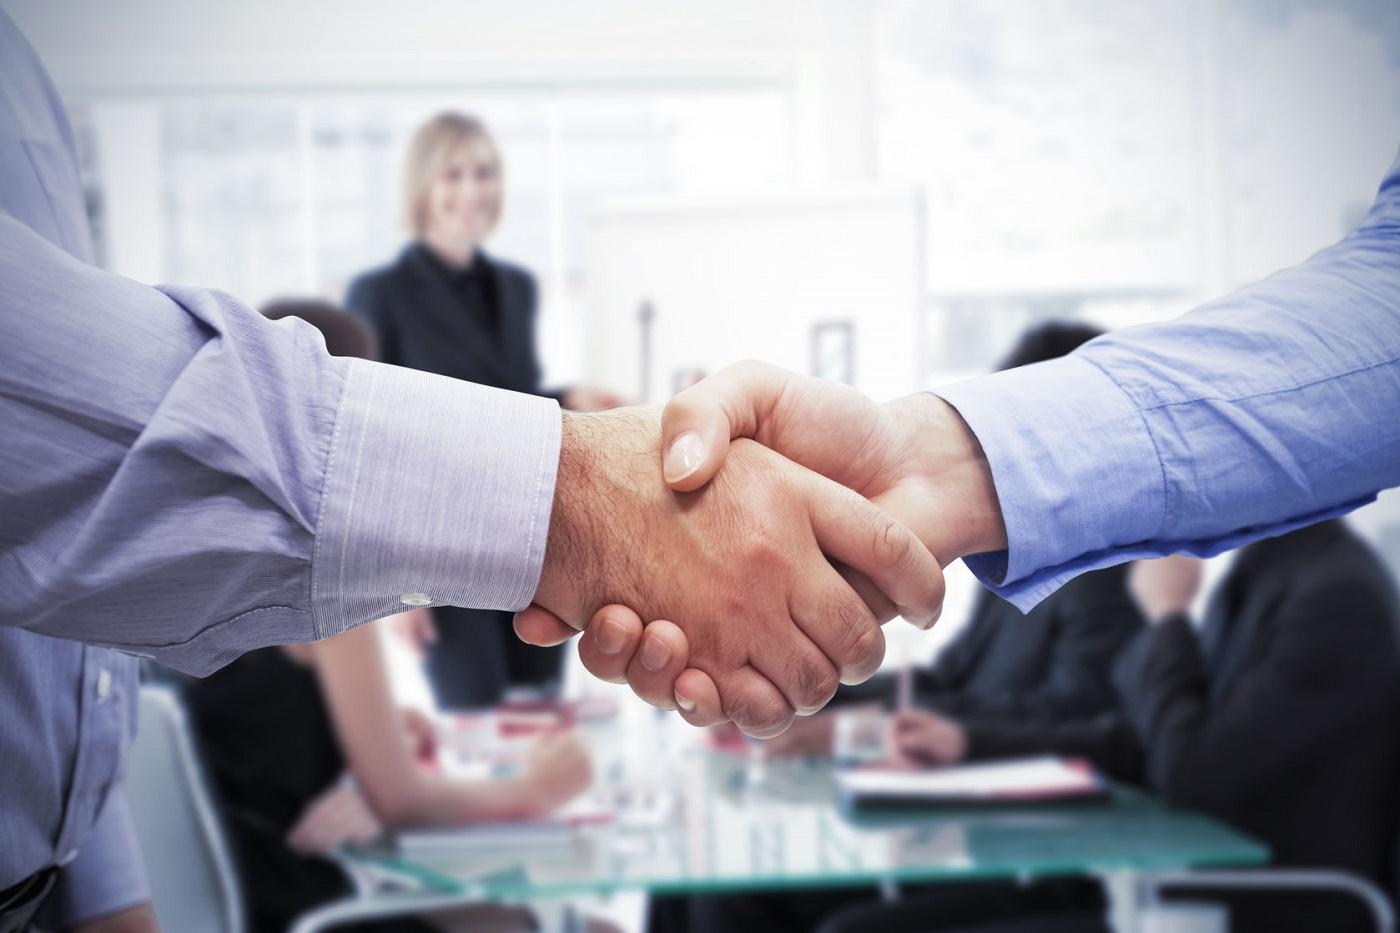 Invista em networking e tenha uma vida cada vez mais rica